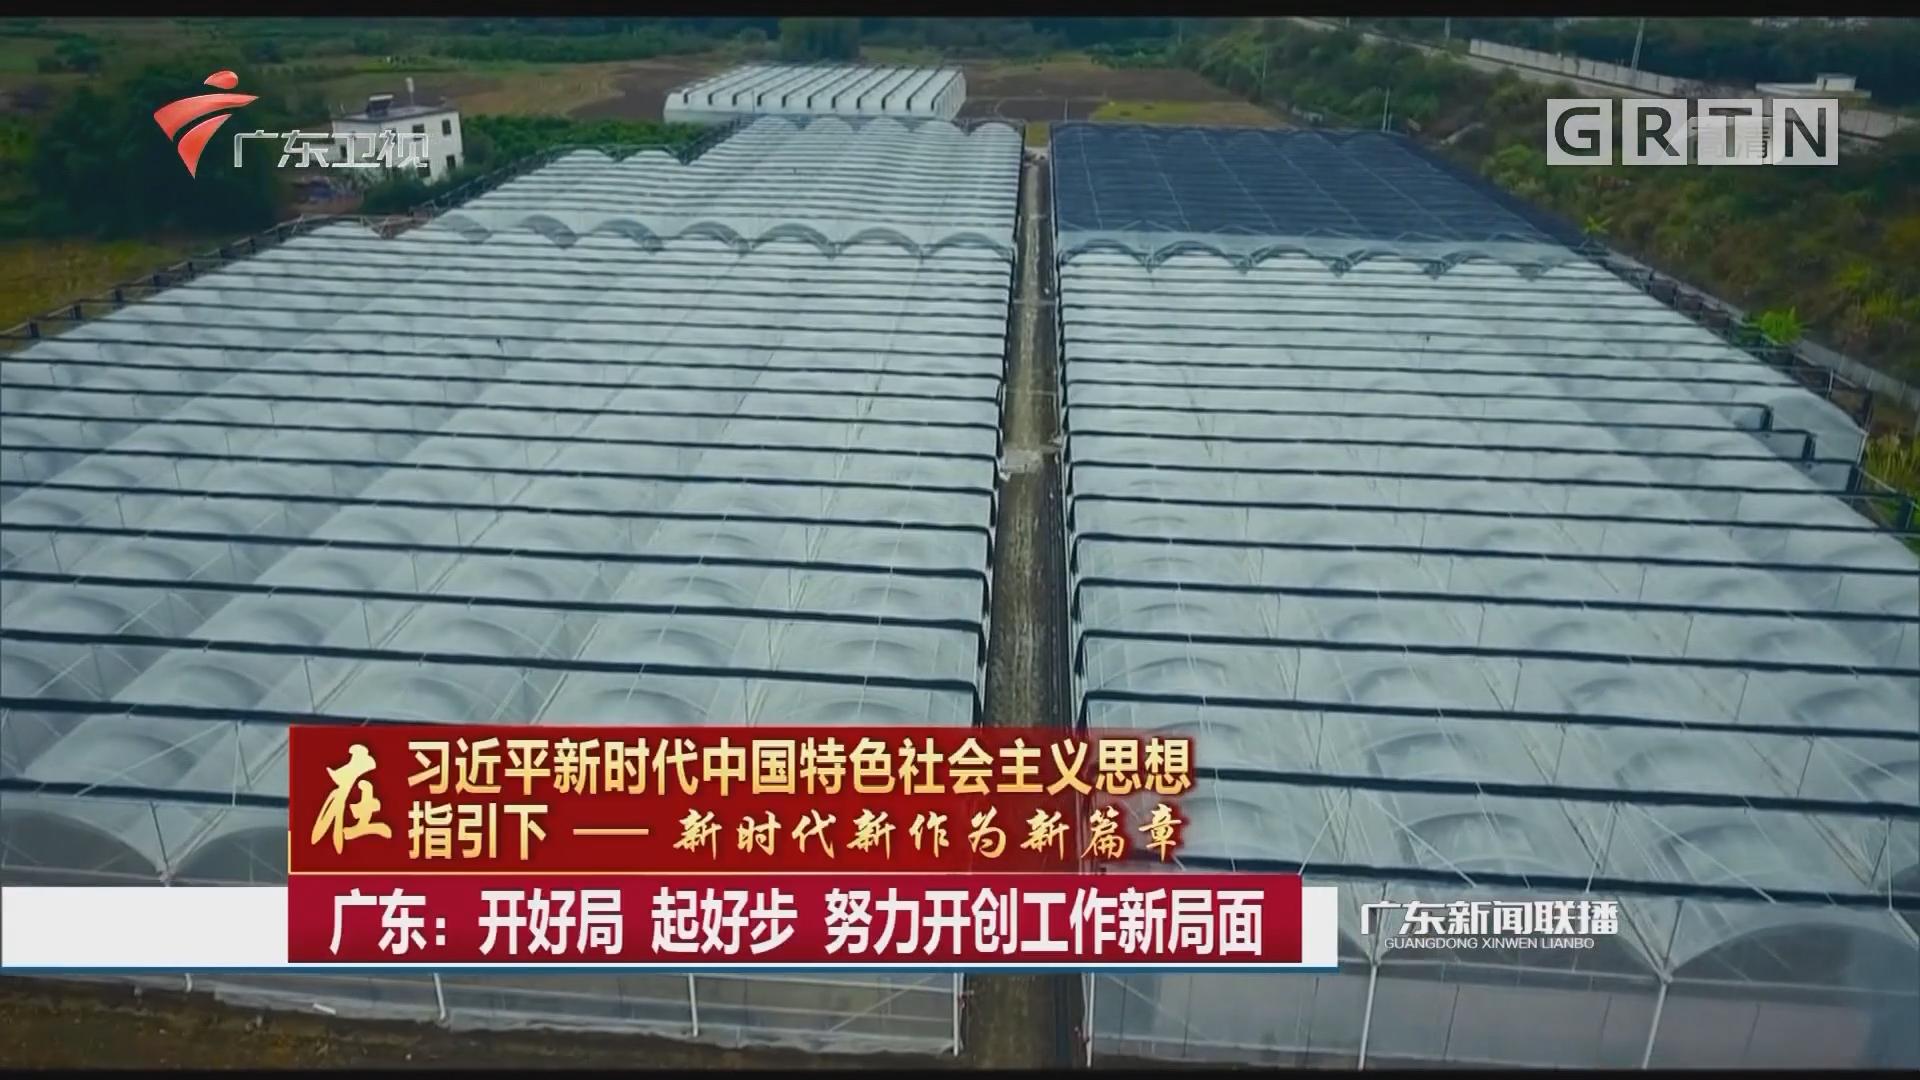 广东:开好局 起好步 努力开创工作新局面